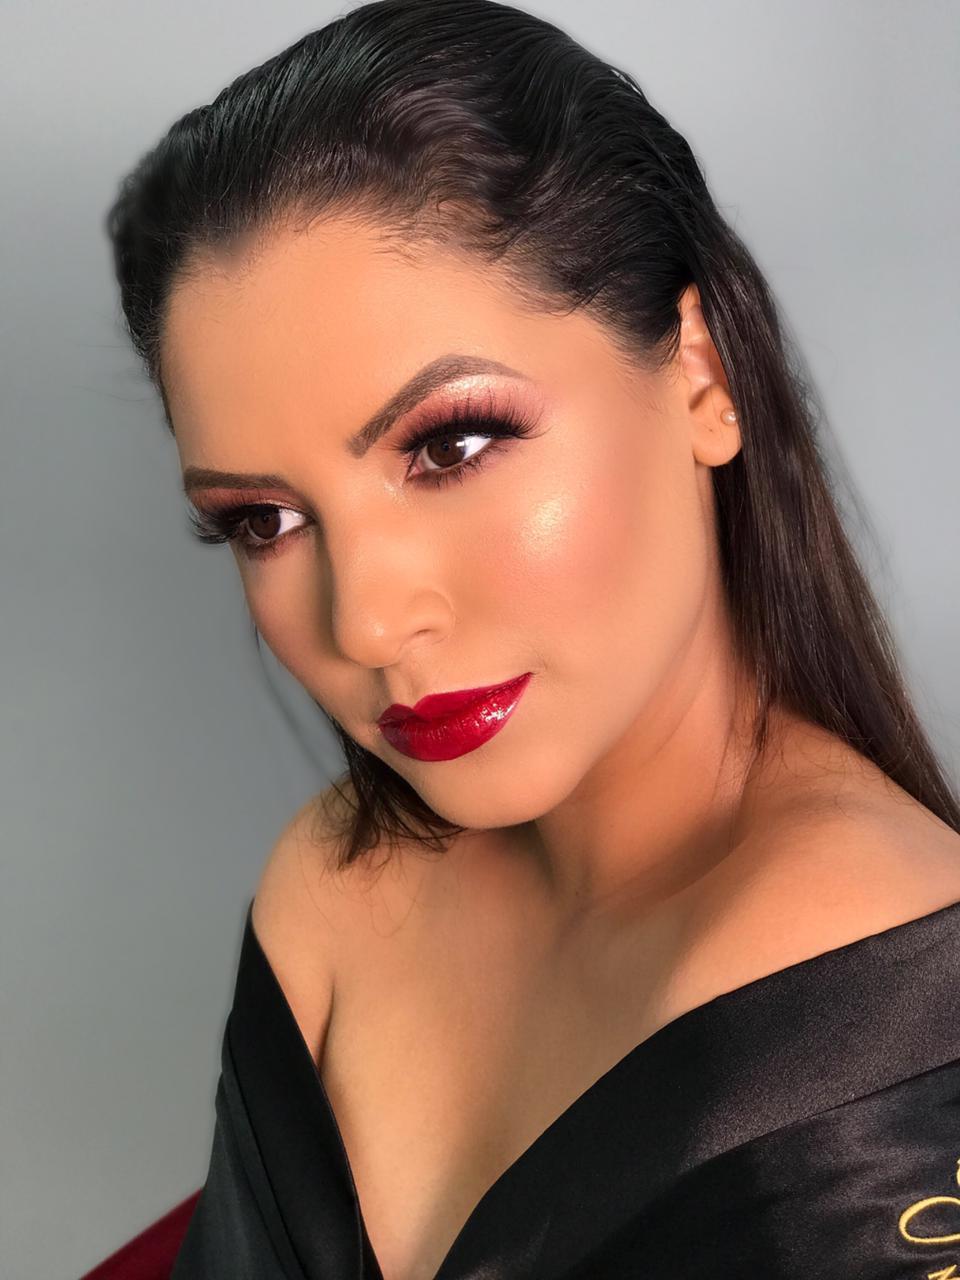 Andreíse Makeup